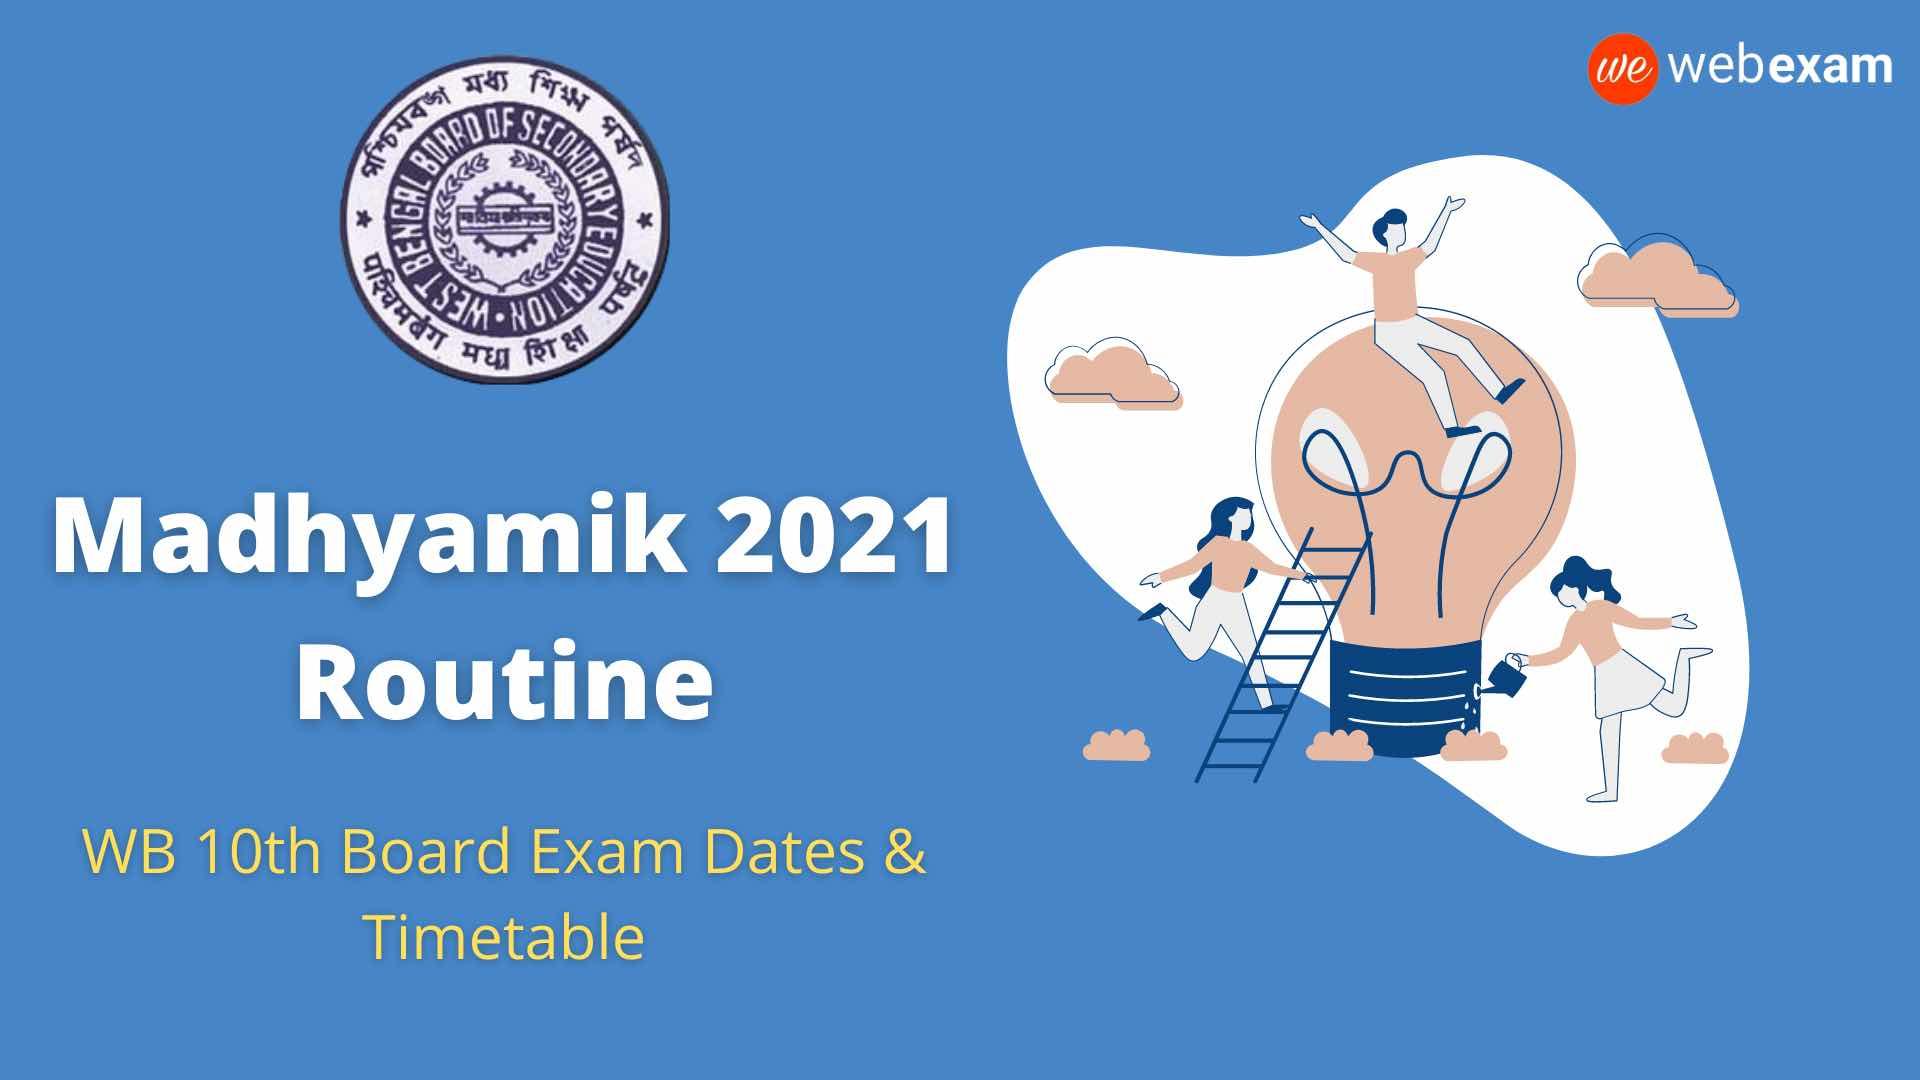 WBBSE Madhyamik Routine 2021